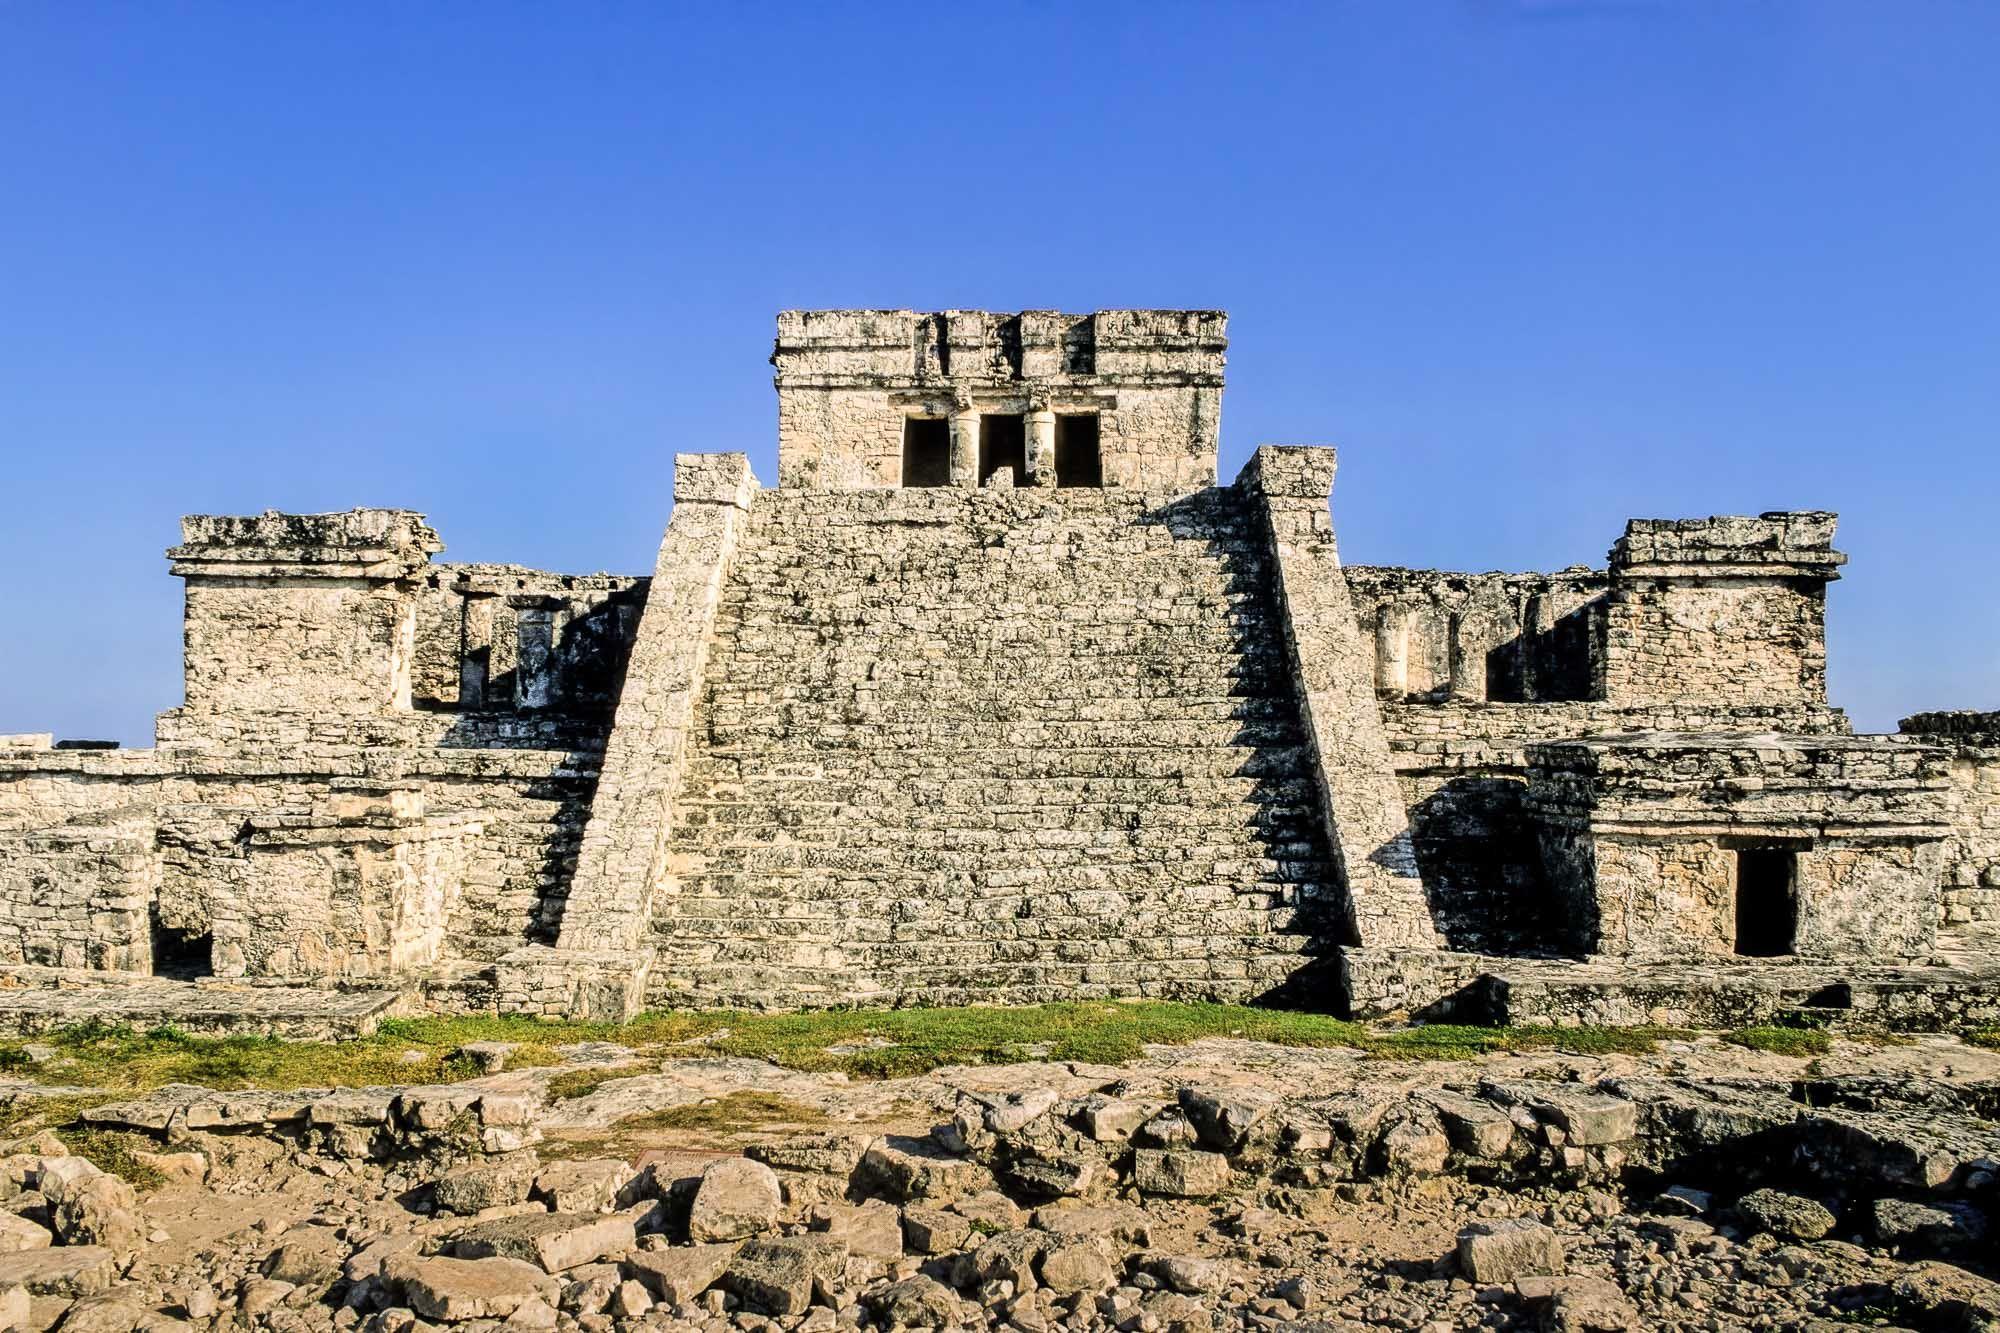 El Castillo, Tulum, Mexico — Dumbarton Oaks | Tulum, Mexico, Maya  architecture